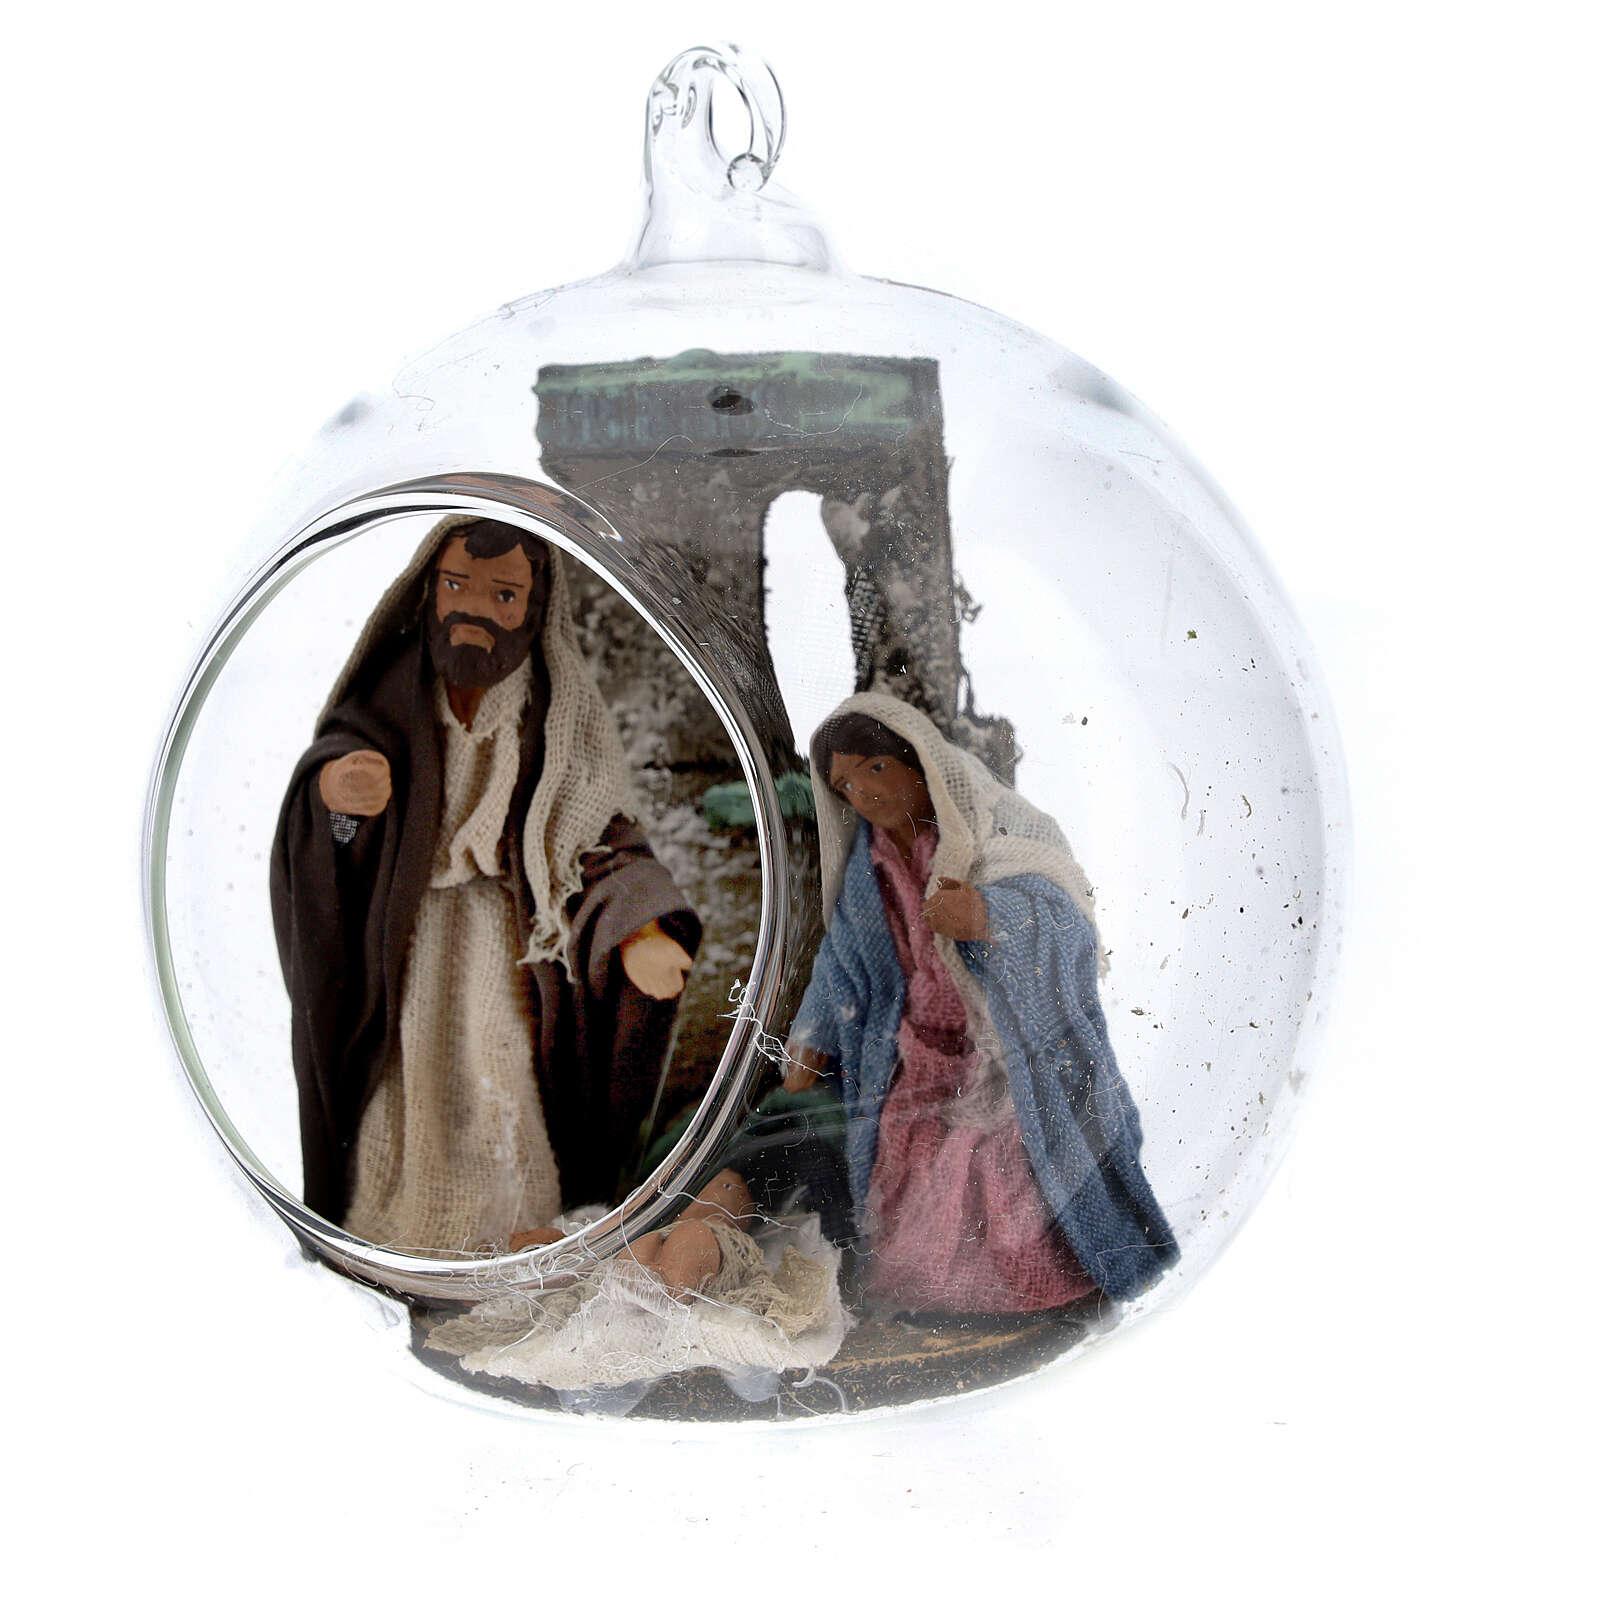 Natividade bola de Natal vidro com figuras presépio napolitano de altura média 7 cm 4